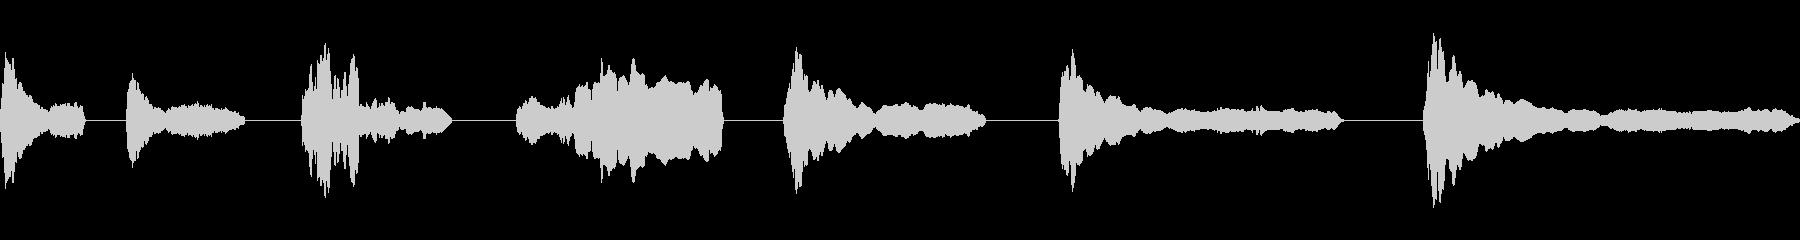 スライドホイッスル、ミッド、ダウン...の未再生の波形